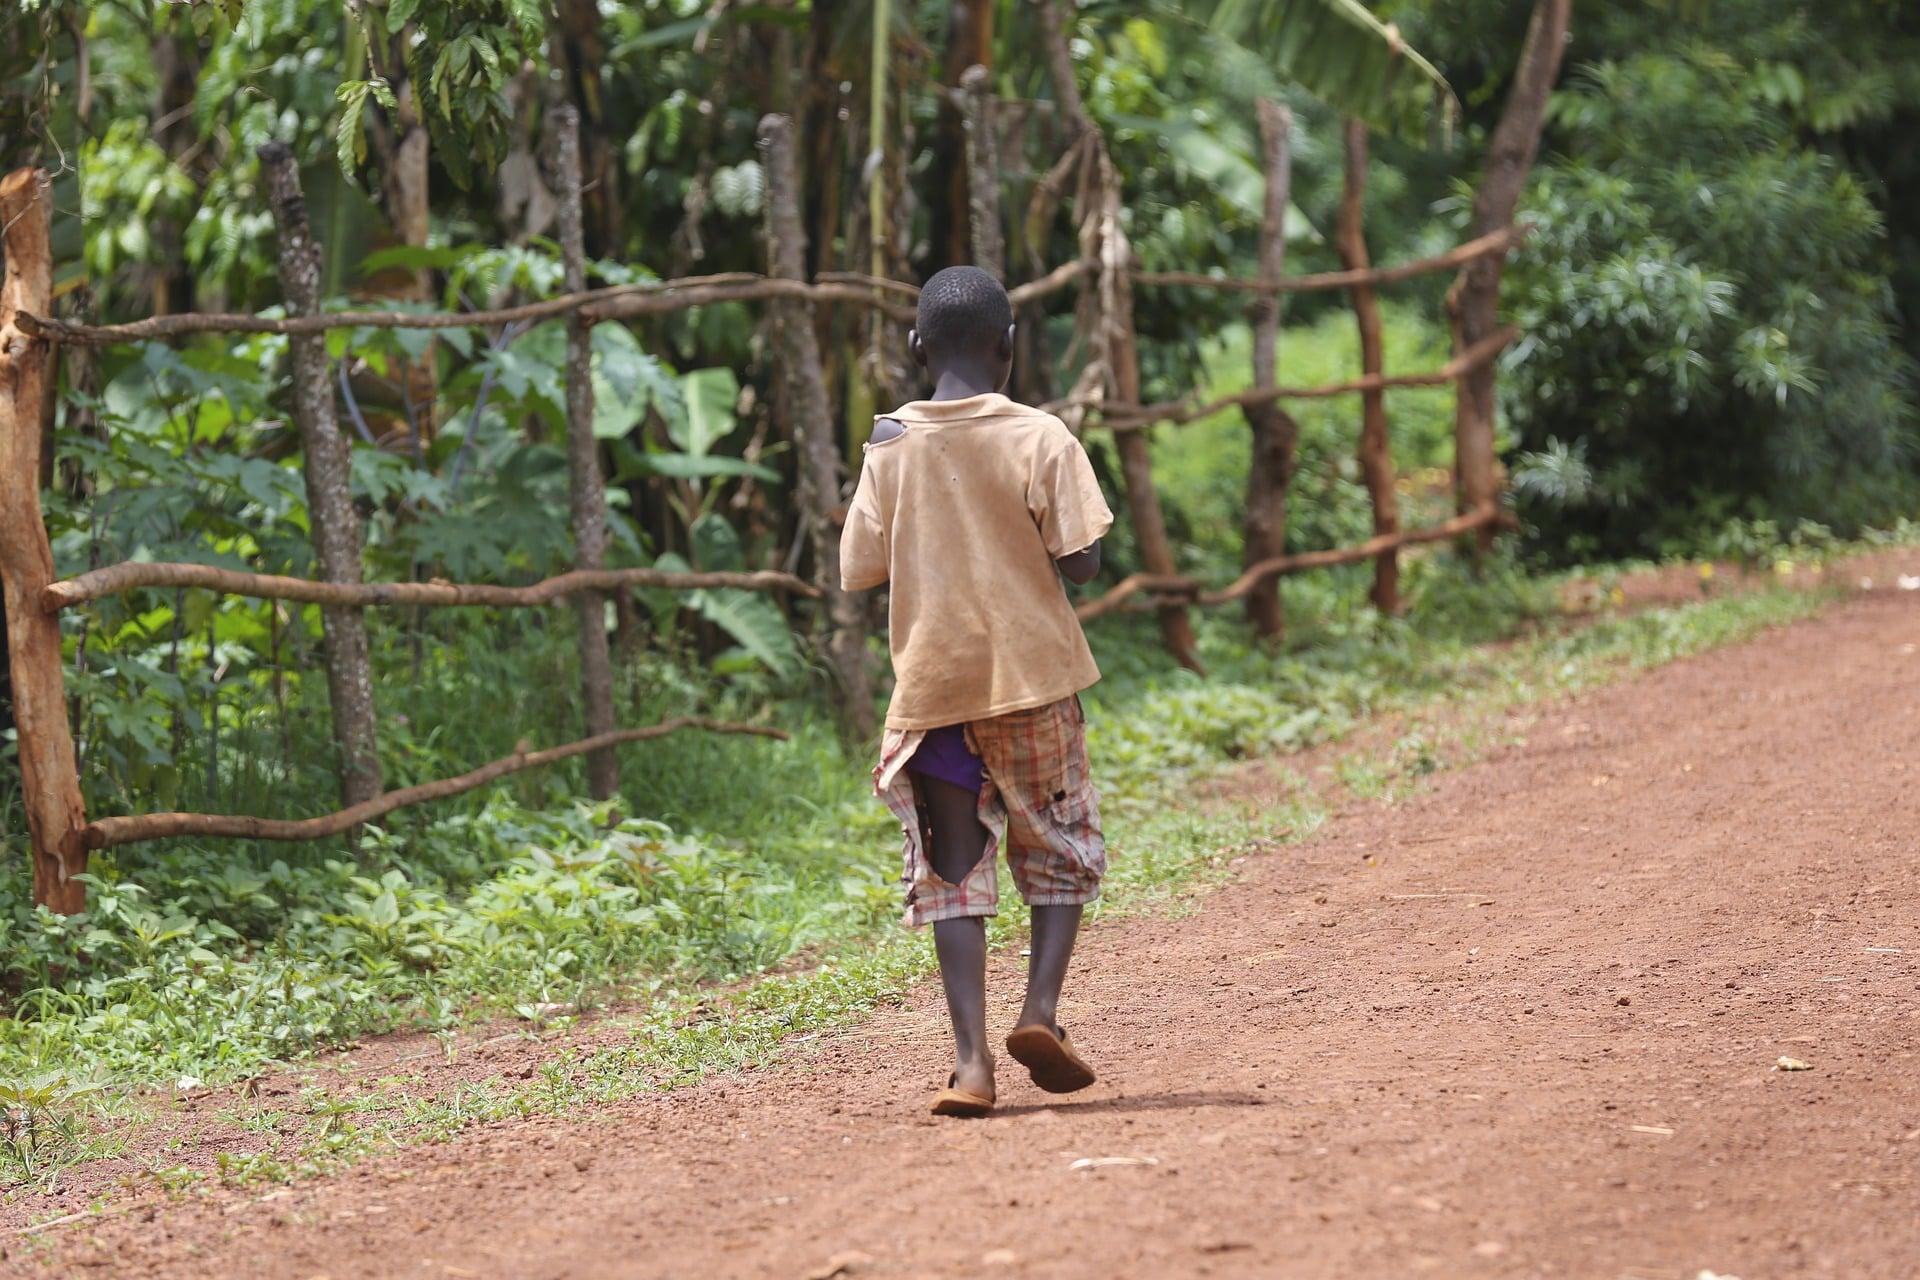 Volontariato Internazionale in Kenya in un villaggio eco-sostenibile